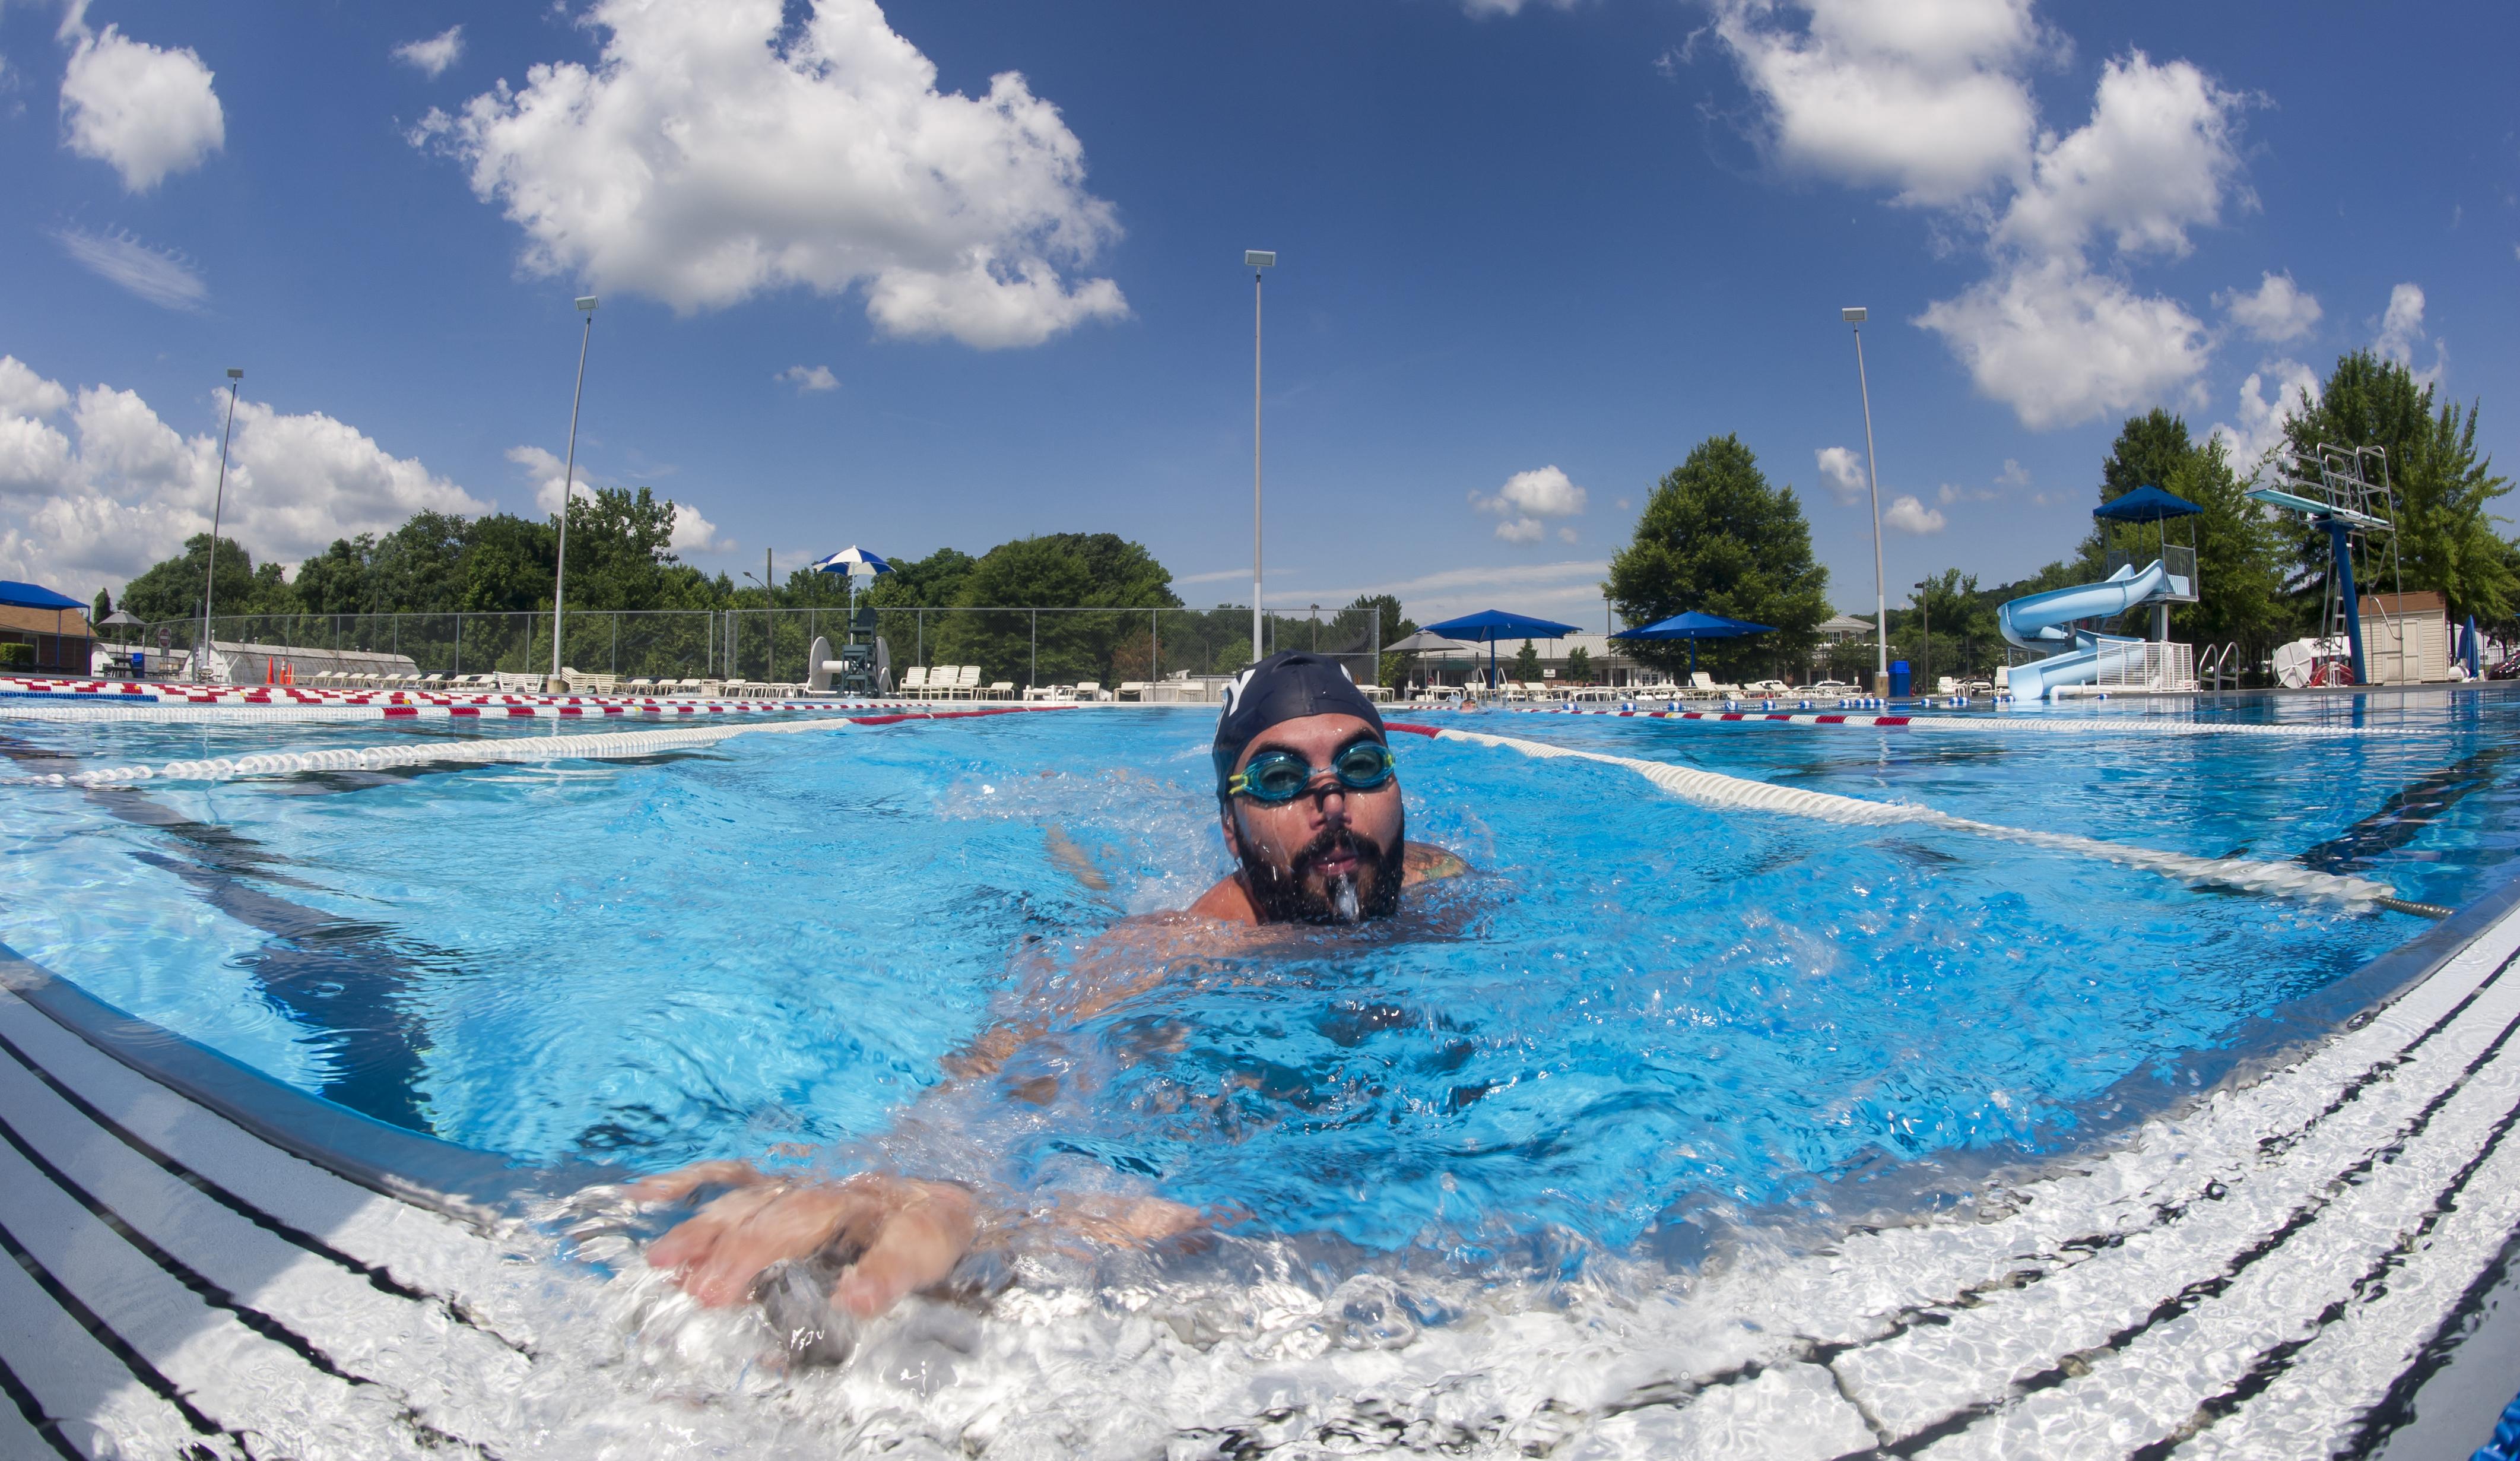 Michael Roggio, Invictus Games swimmer